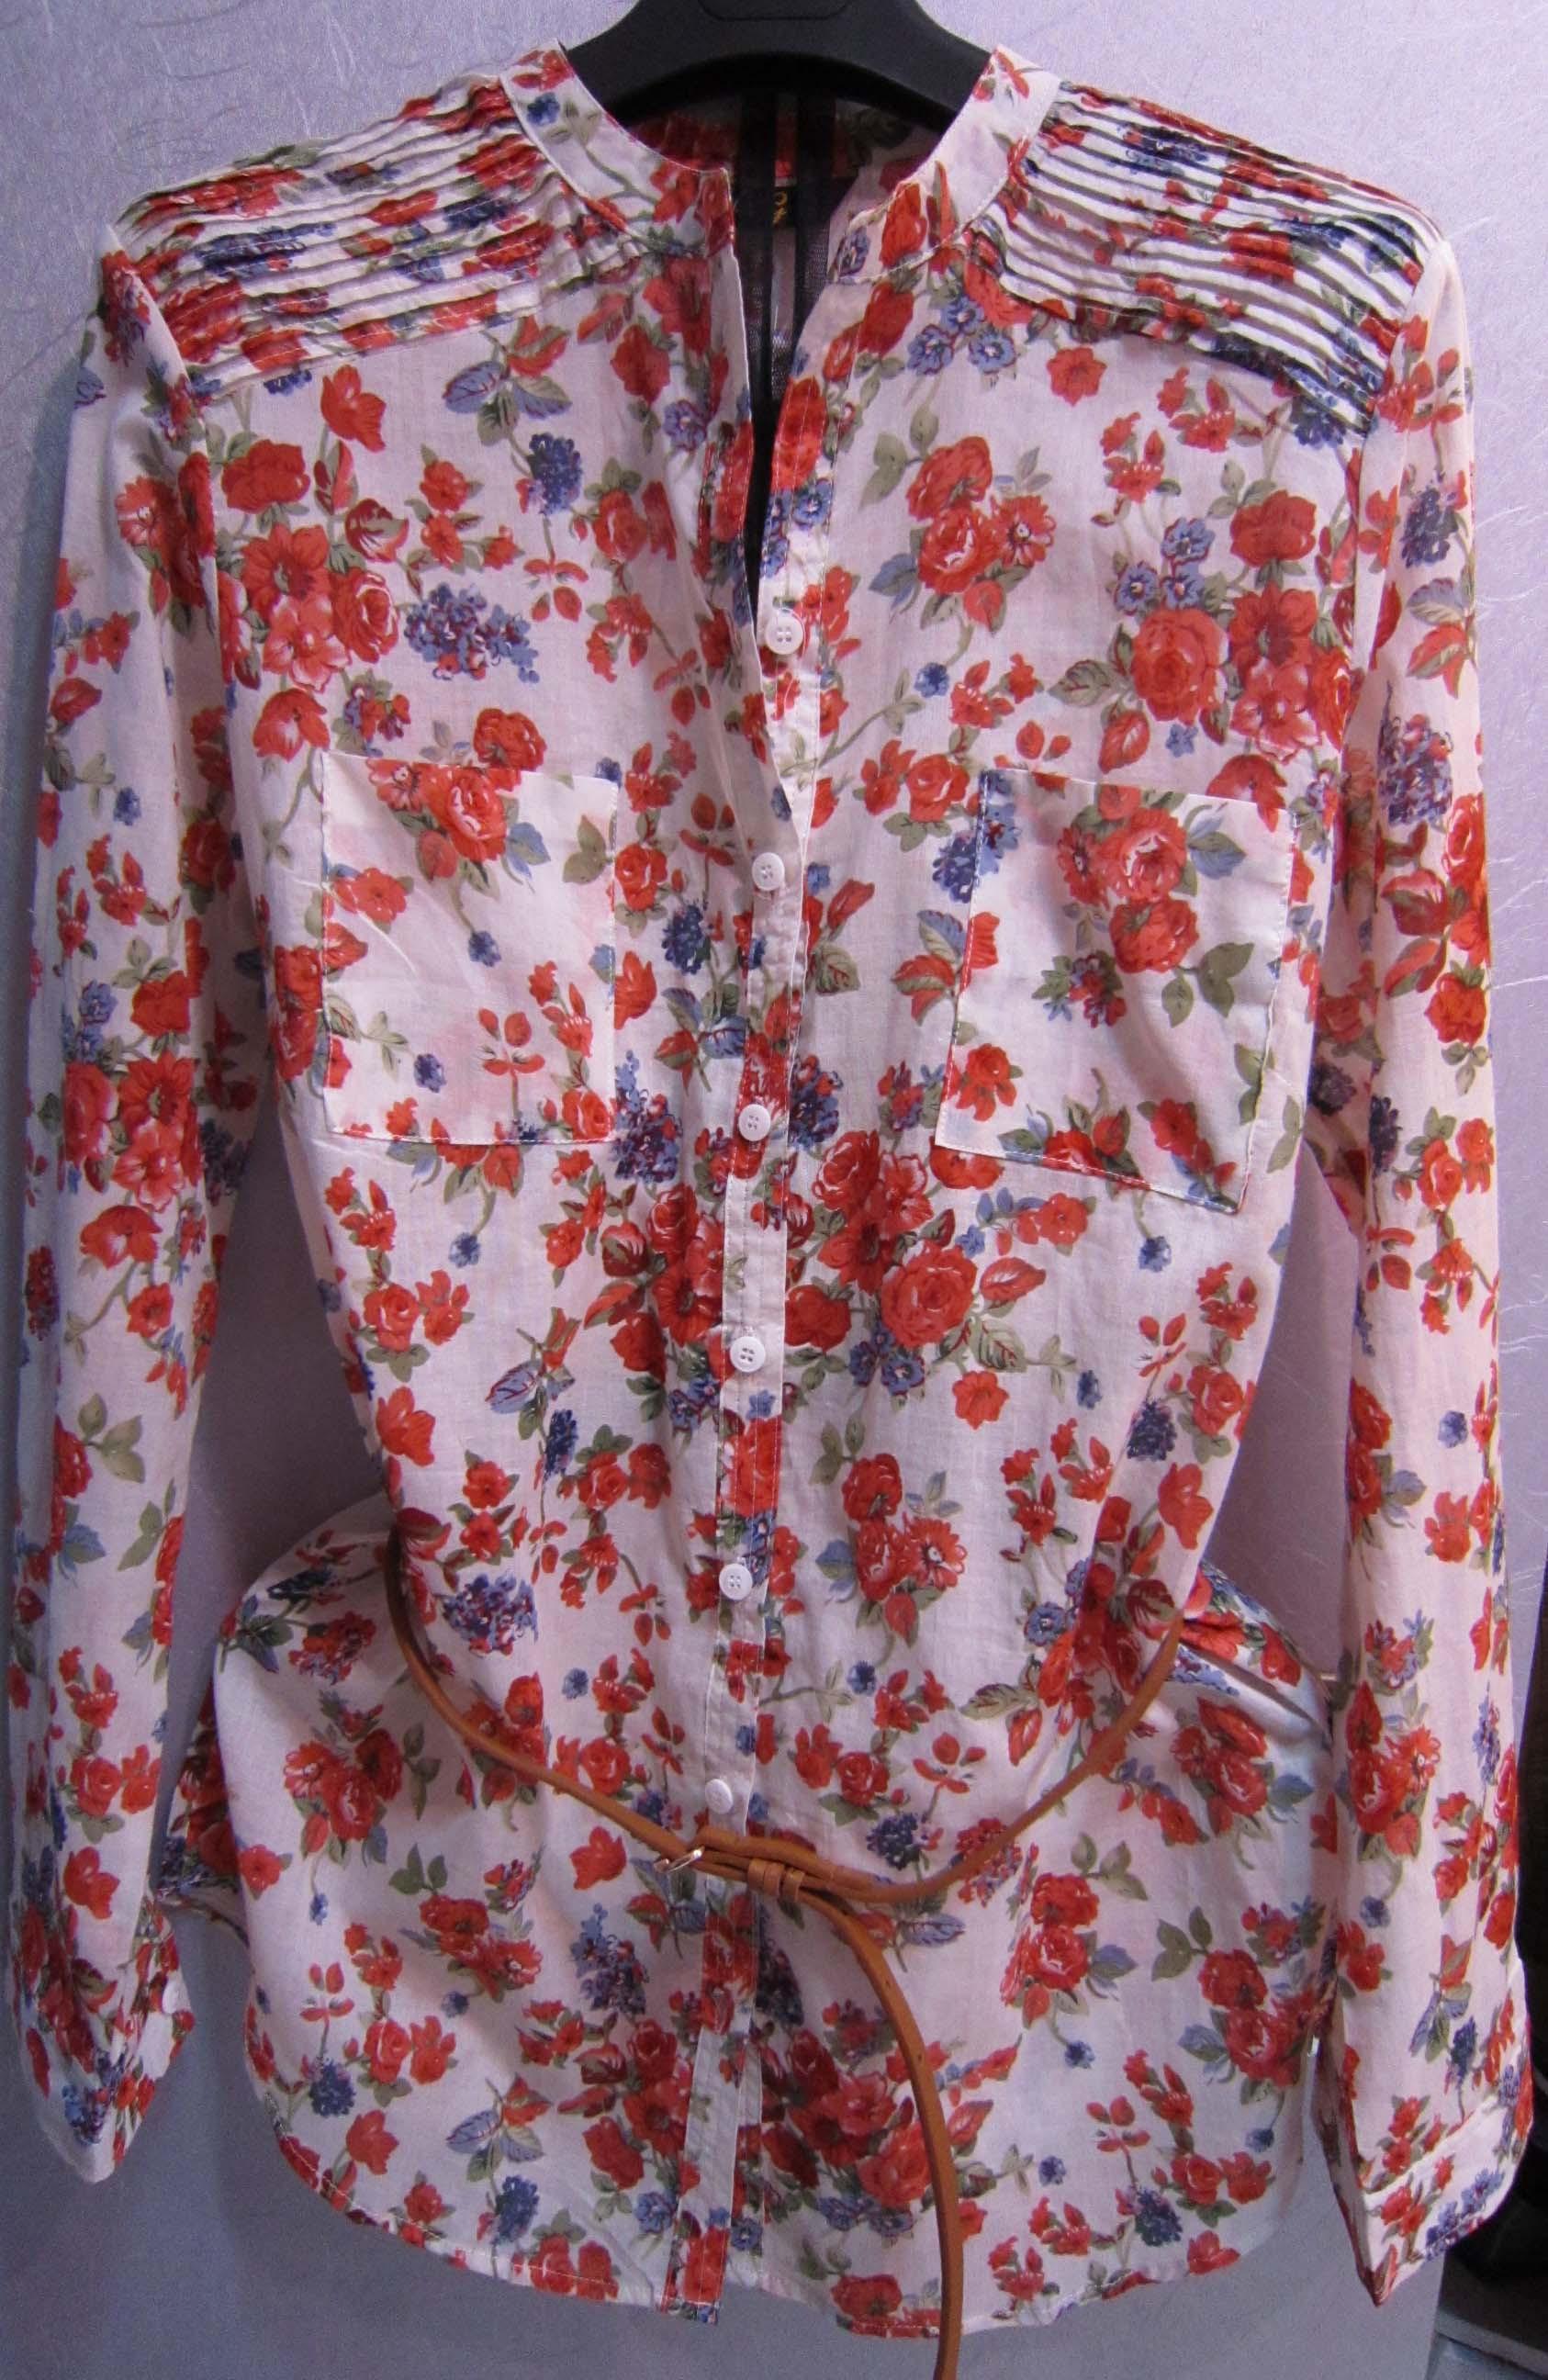 женская рубашка NG 2000 Повседневный Длинный рукав Рисунок в цветочек